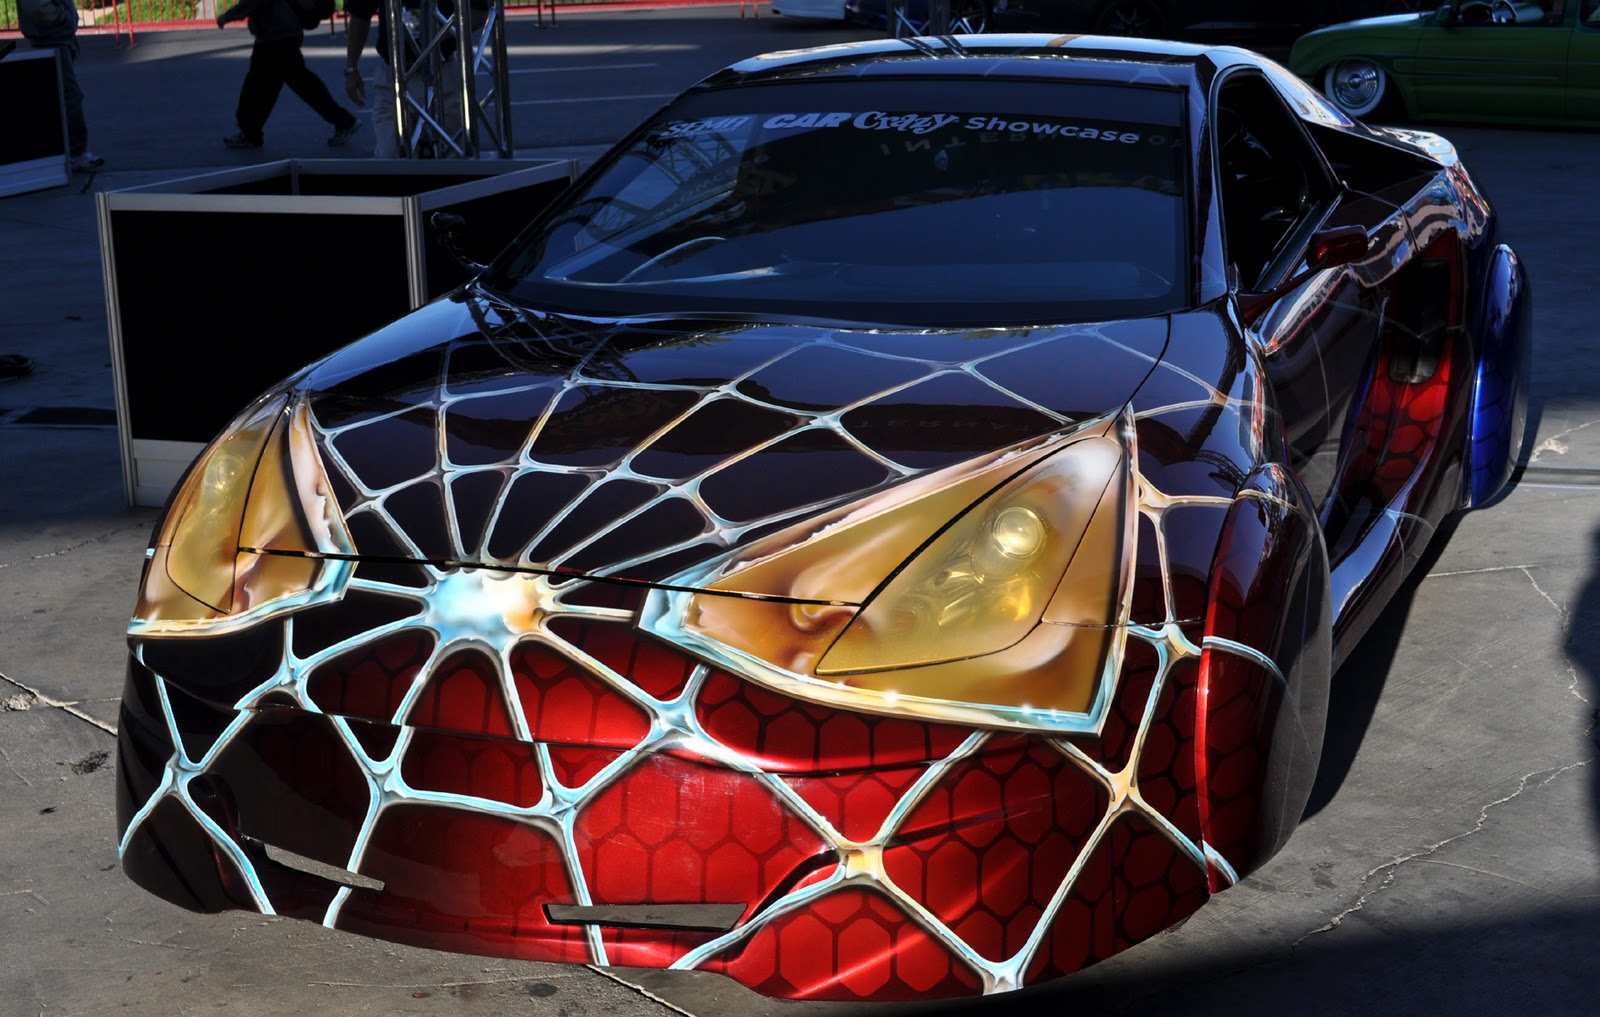 Spiderman Car Paint